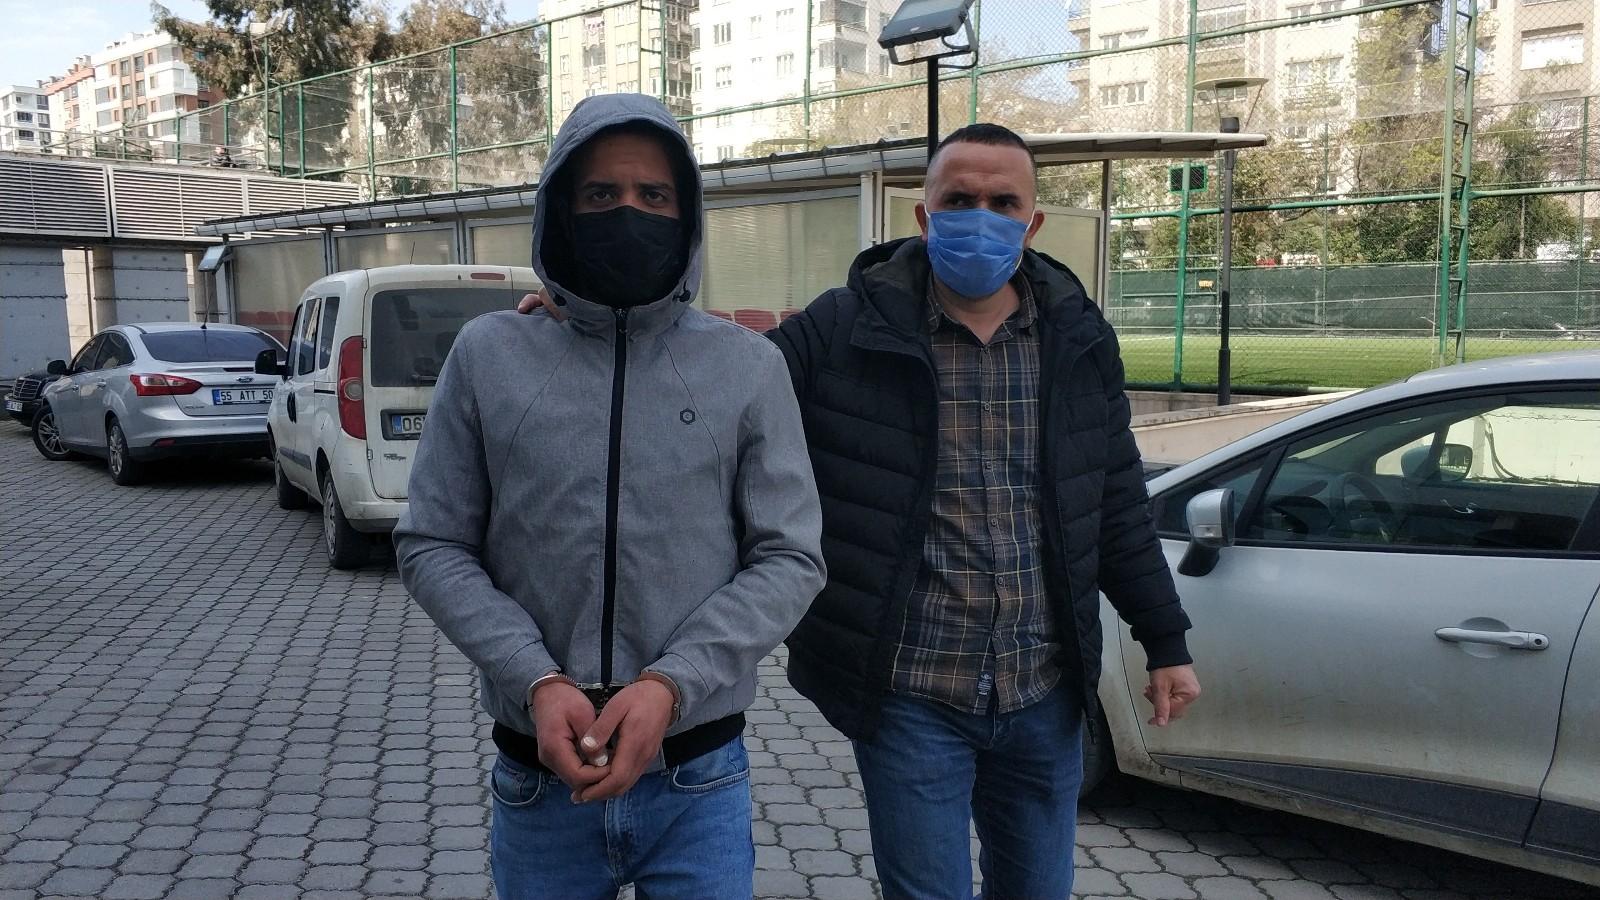 Uyuşturucudan aranan Mısırlı Samsun'da yakalanarak gözaltına alındı